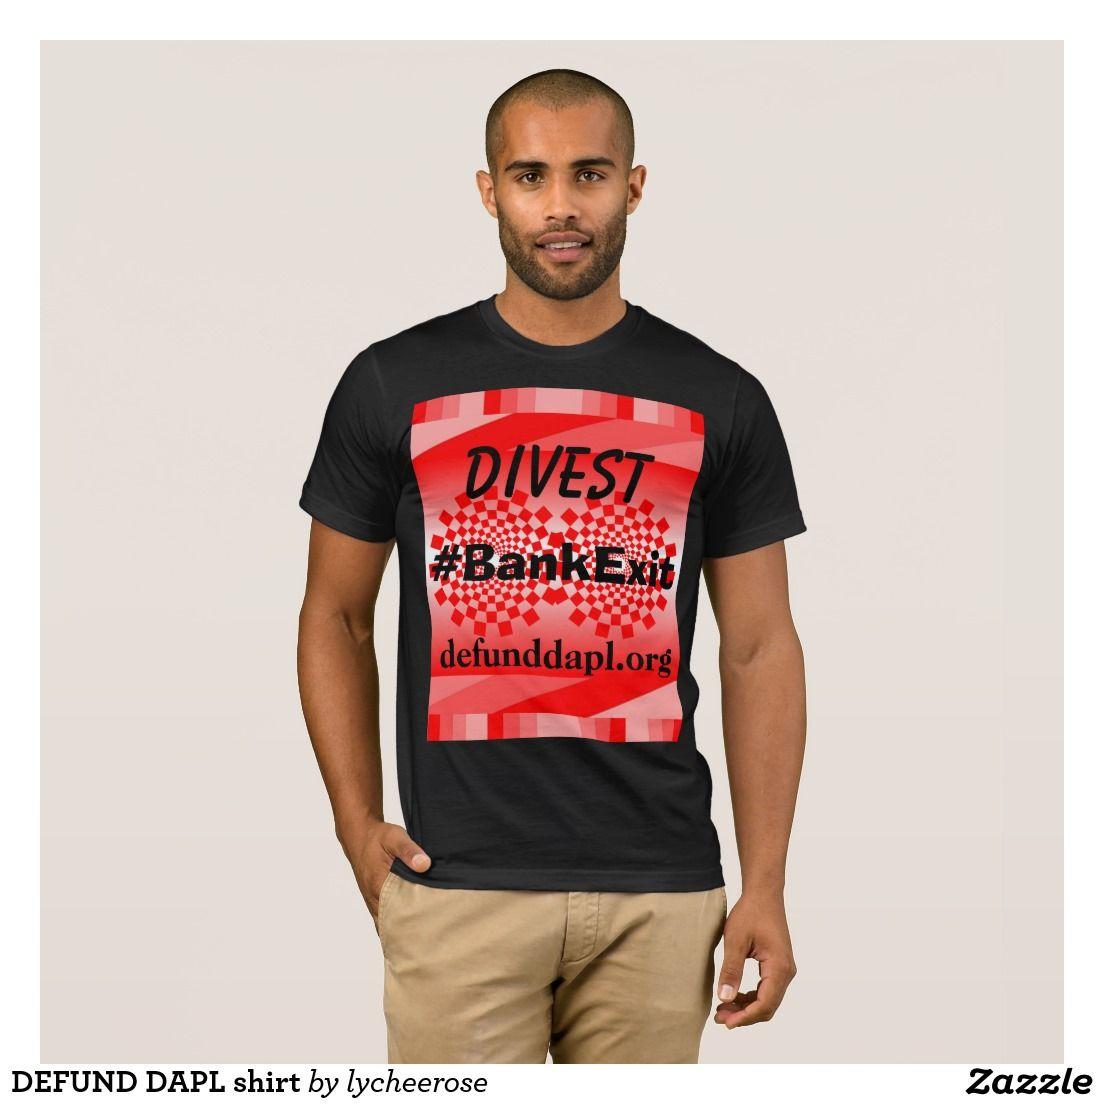 DEFUND DAPL shirt